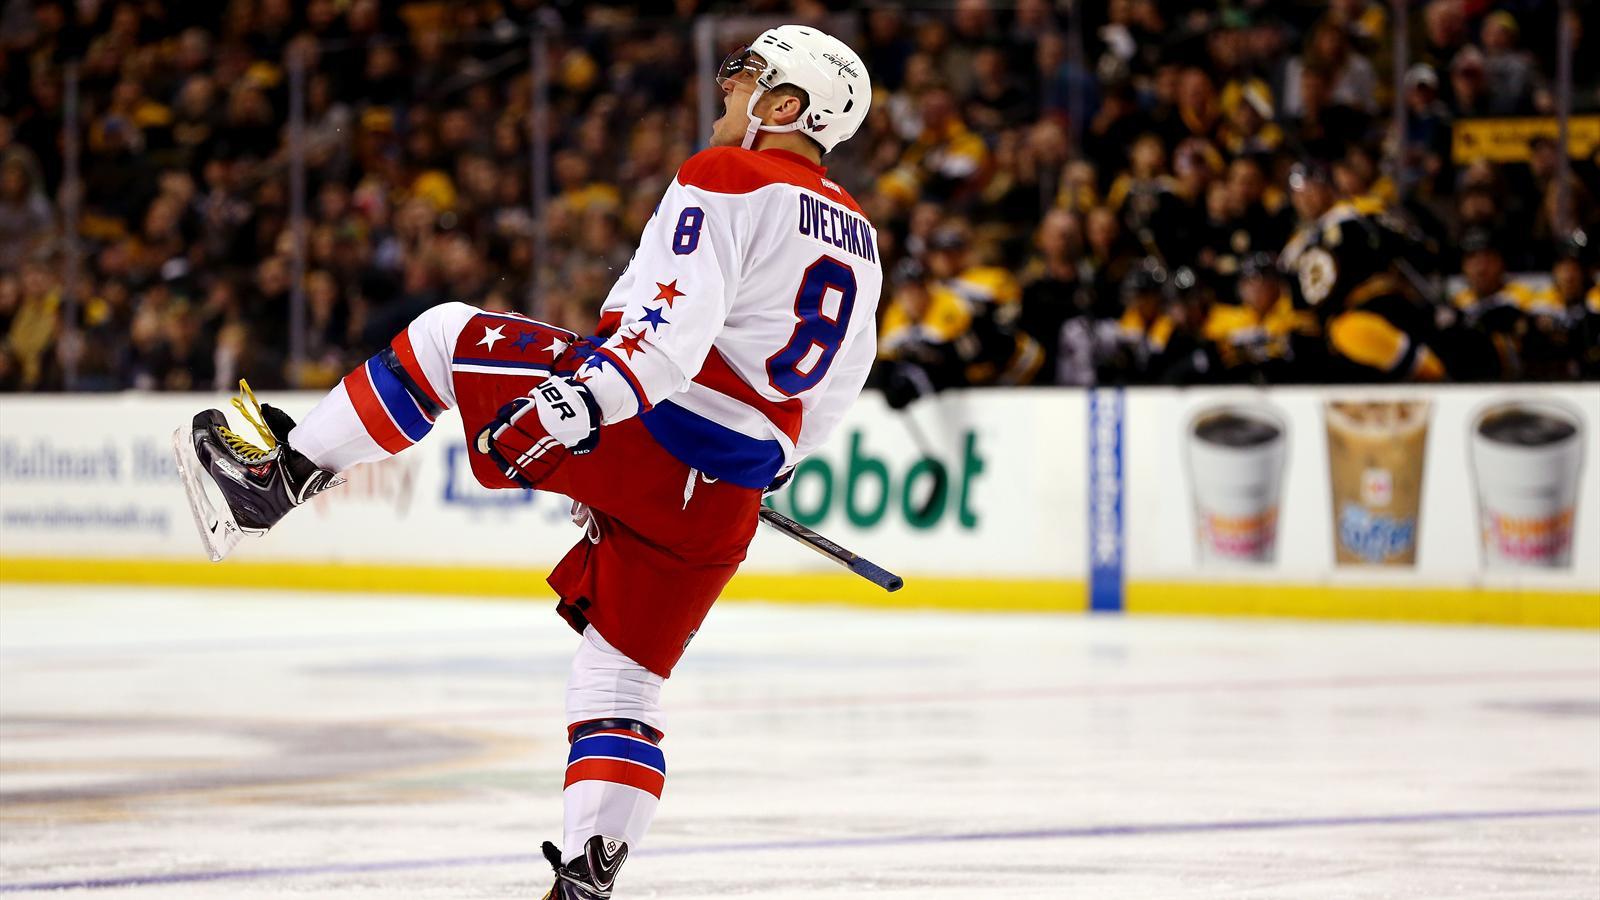 Хоккей. Ставки на НХЛ. Ставки на Плэй Офф НХЛ на 13 Апреля 2016. 18 Финала